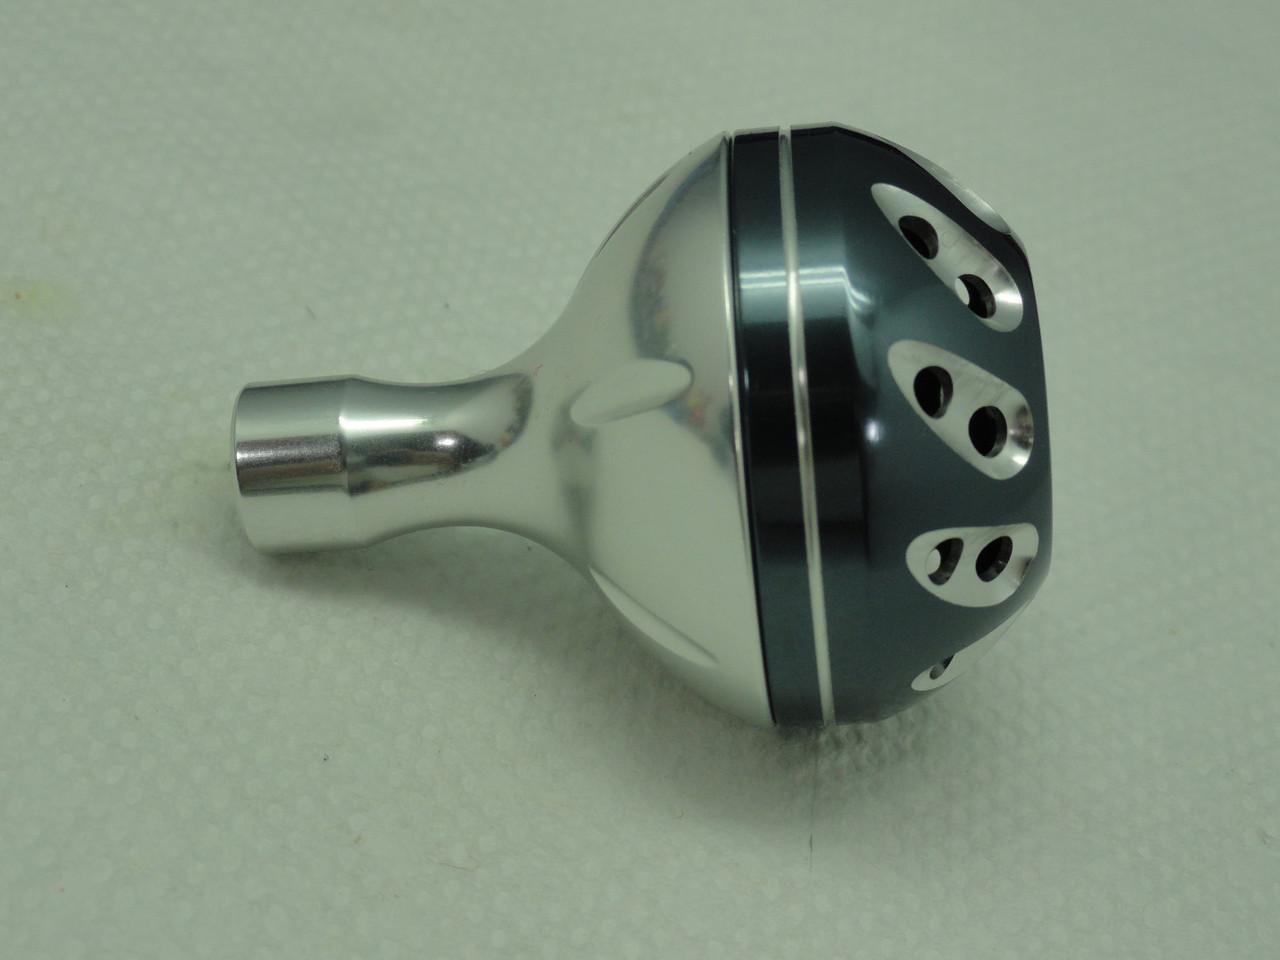 40mm Reel Knob  Daiwa  U0026 Shimano Modification